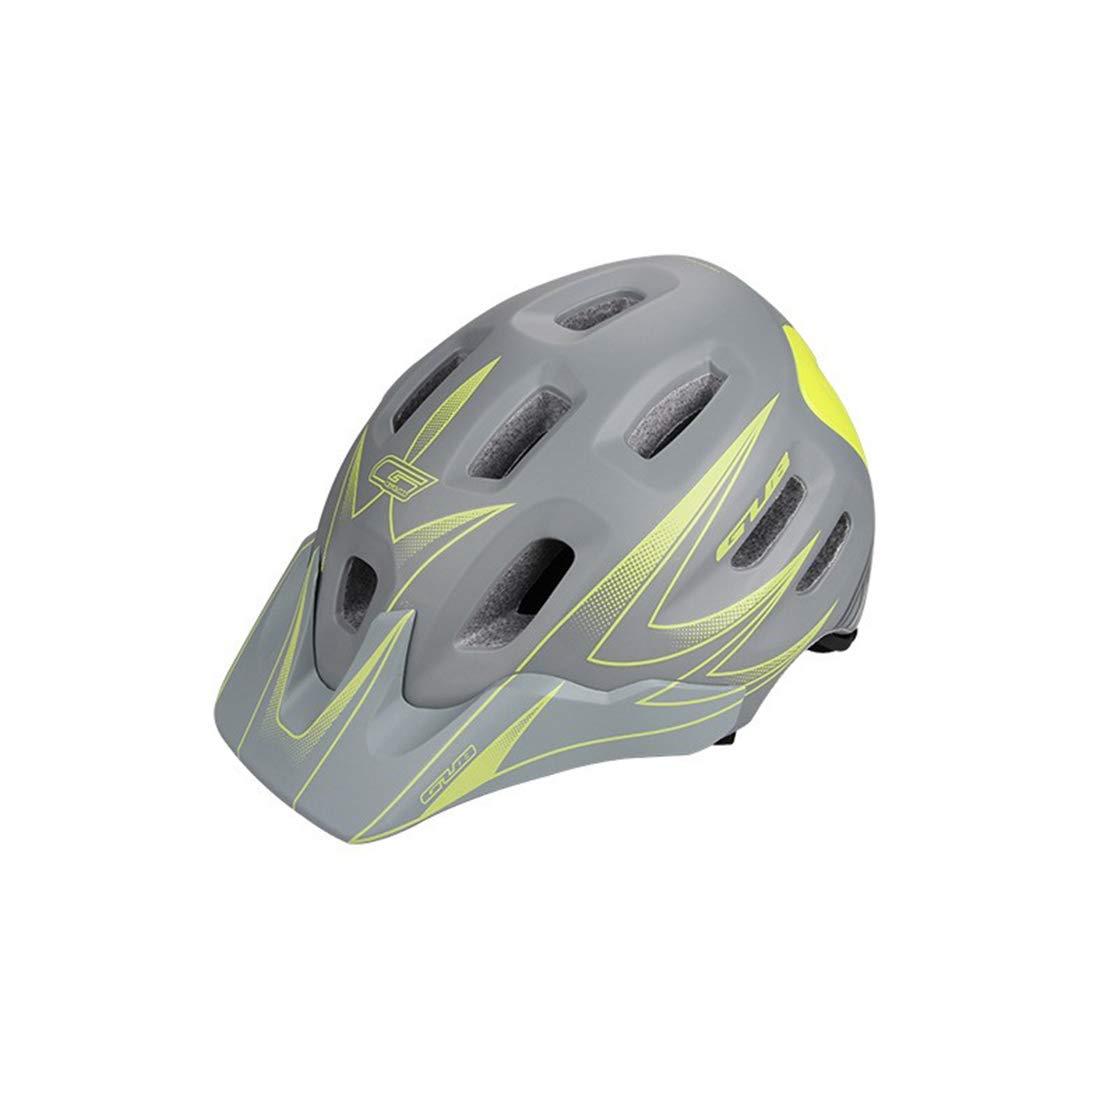 Nekovan 自転車用ヘルメット、屋外用サイクリング愛好家に最適な自転車用安全ヘルメット。 (Color : レッド)  レッド B07QHLVK37